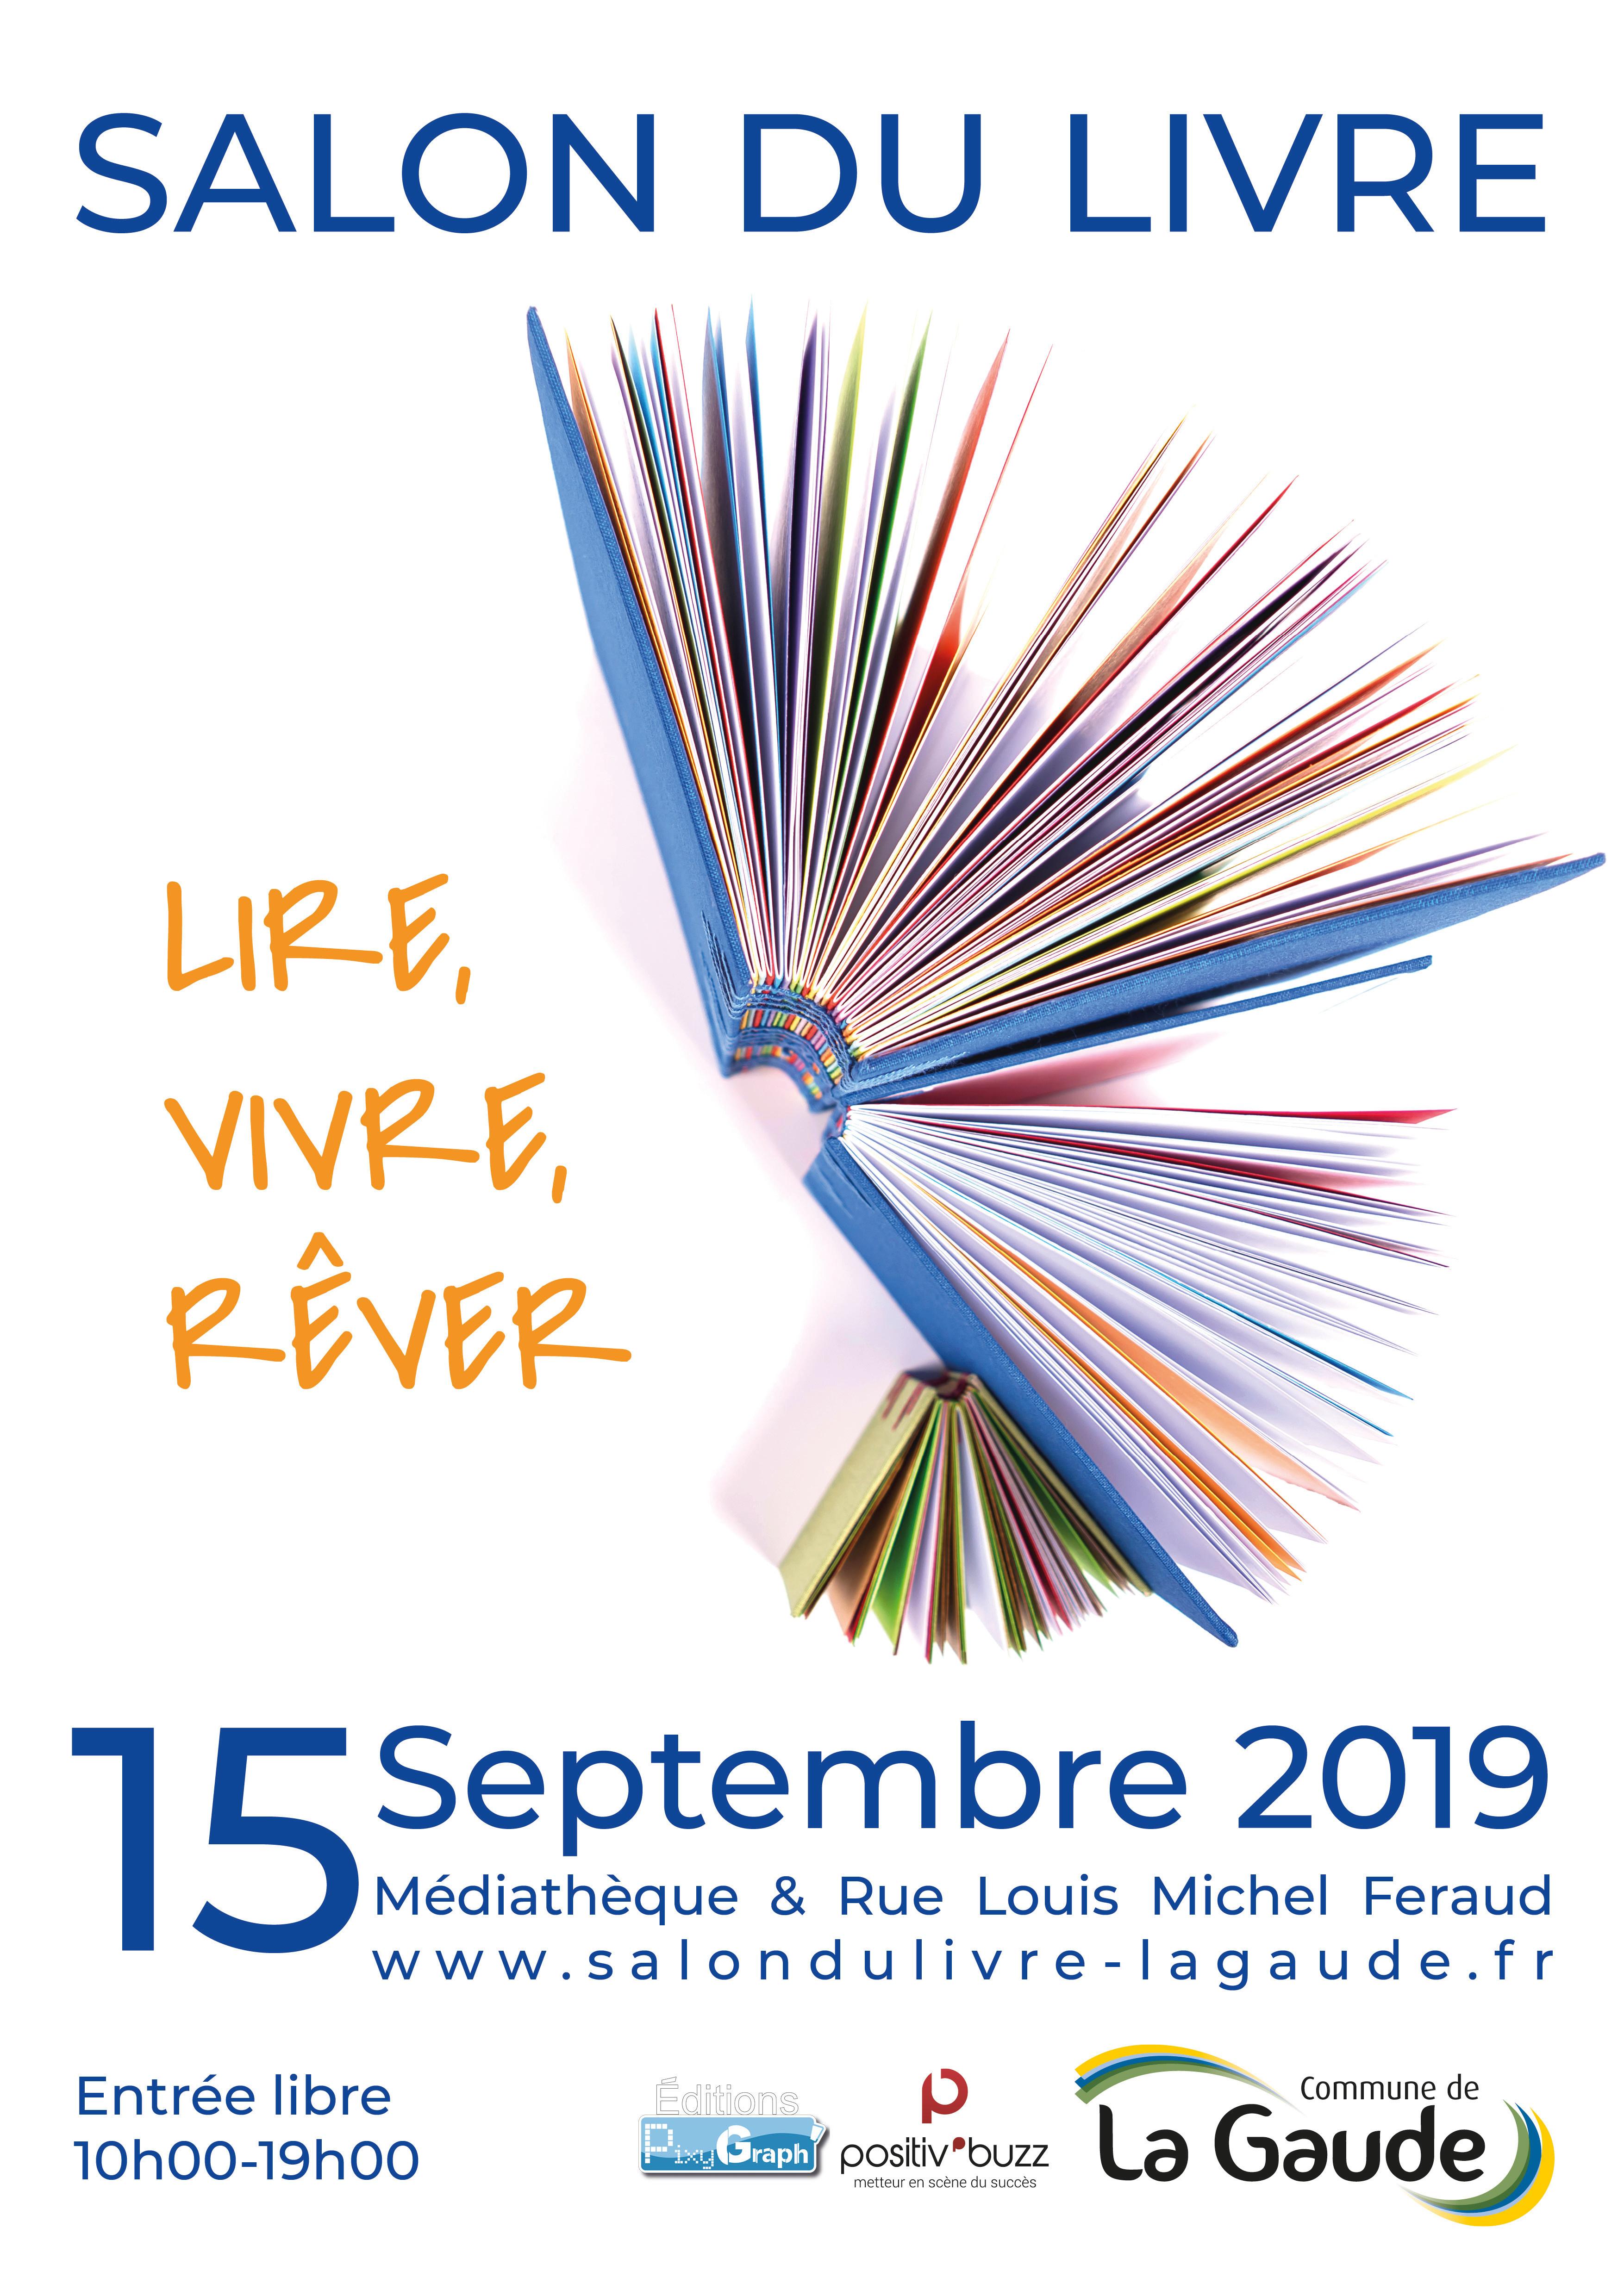 Lire Vivre Rever Salon Du Livre La Gaude 15 Septembre 2019